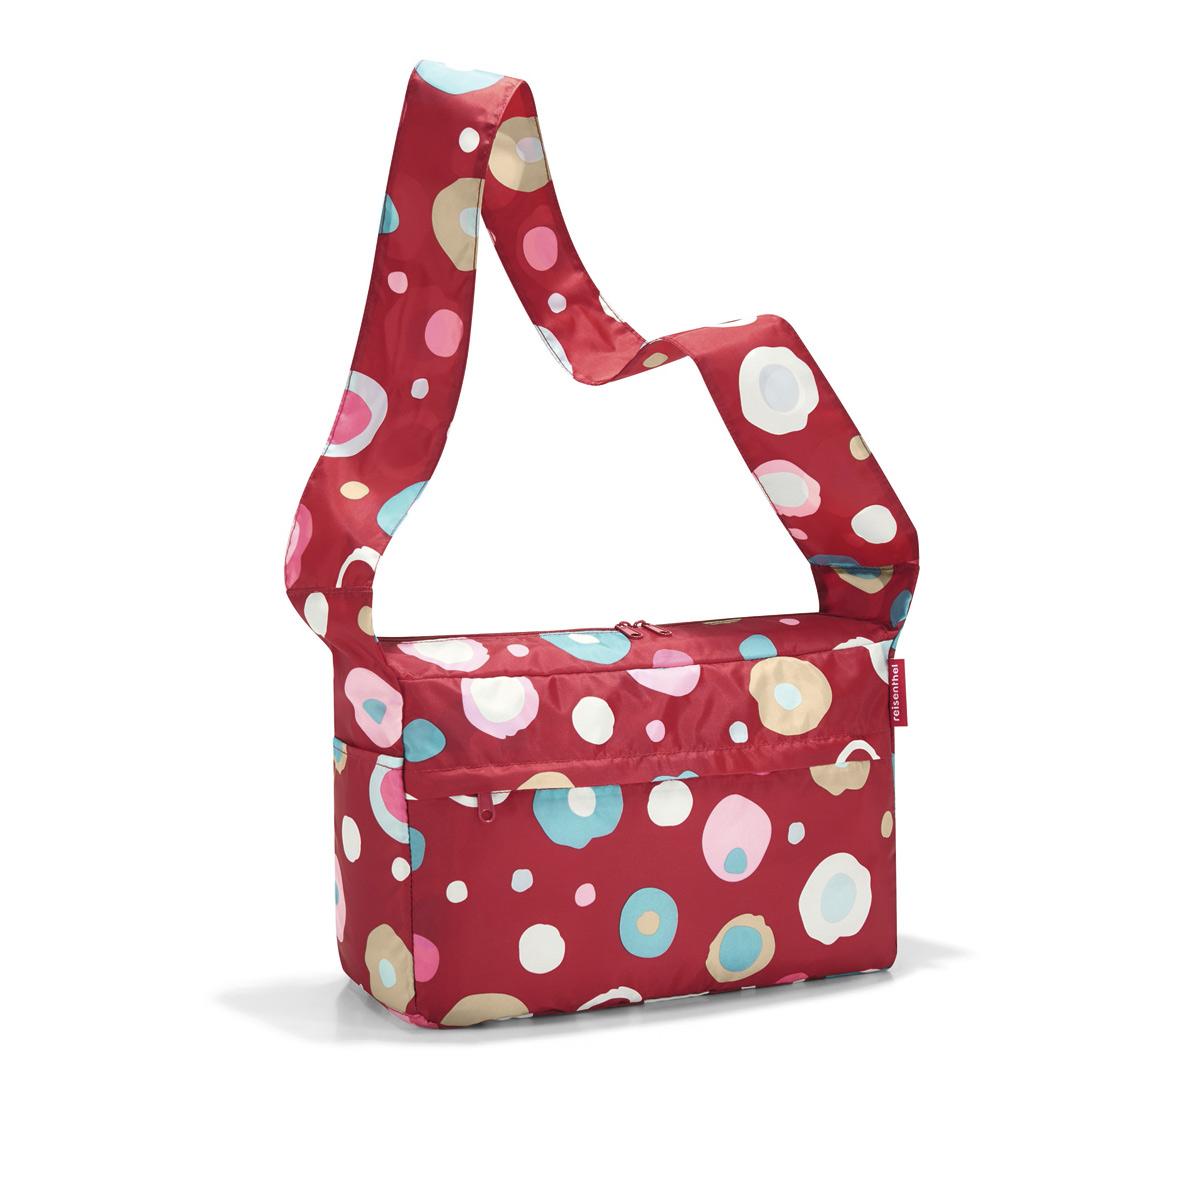 Сумка женская Reisenthel, складная, цвет: темно-красный, голубой, розовый. AL30488-2Стильная женская сумка Reisenthel изготовлена из текстиля с оригинальным принтом. Сумка имеет одно отделение, которое закрывается на застежку-молнию с двумя бегунками. Внутри имеется нашивной карман на застежке-молнии, в который сумка складывается и приобретает компактный вид. Снаружи, на передней стенке расположен накладной карман на застежке-молнии, по бокам - открытые накладные карманы. Изделие оснащено удобным плечевым ремнем.